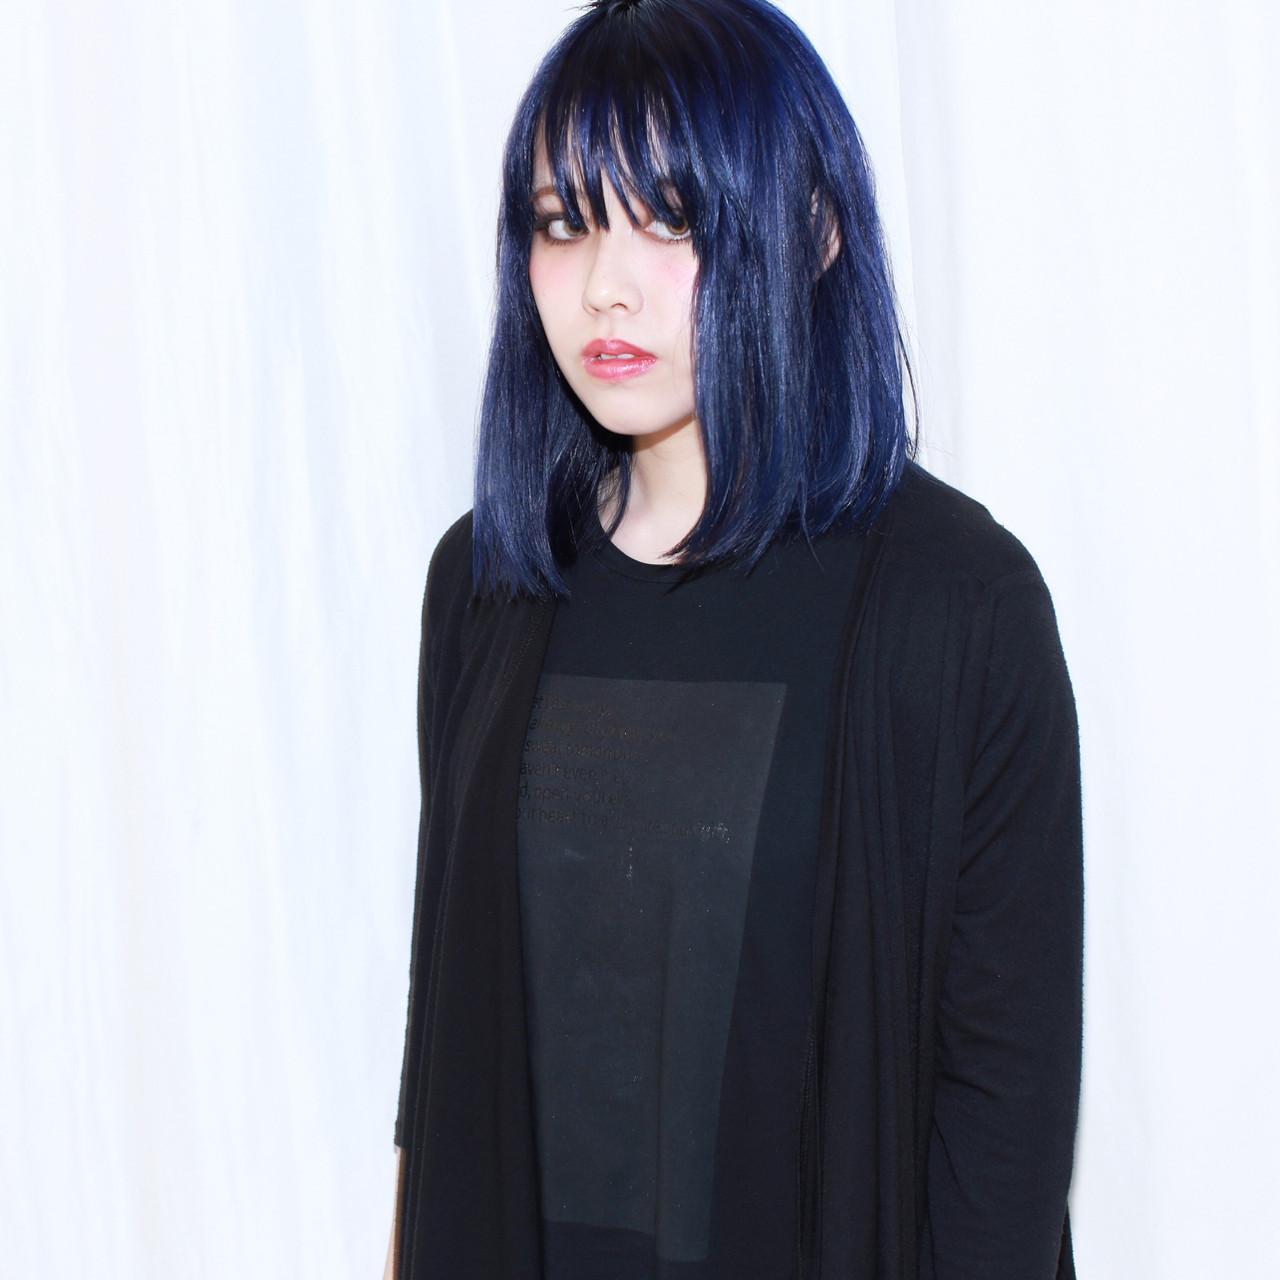 外国人風 ボブ ダブルカラー ネイビー ヘアスタイルや髪型の写真・画像 | イマムラ スナオ / LUKE